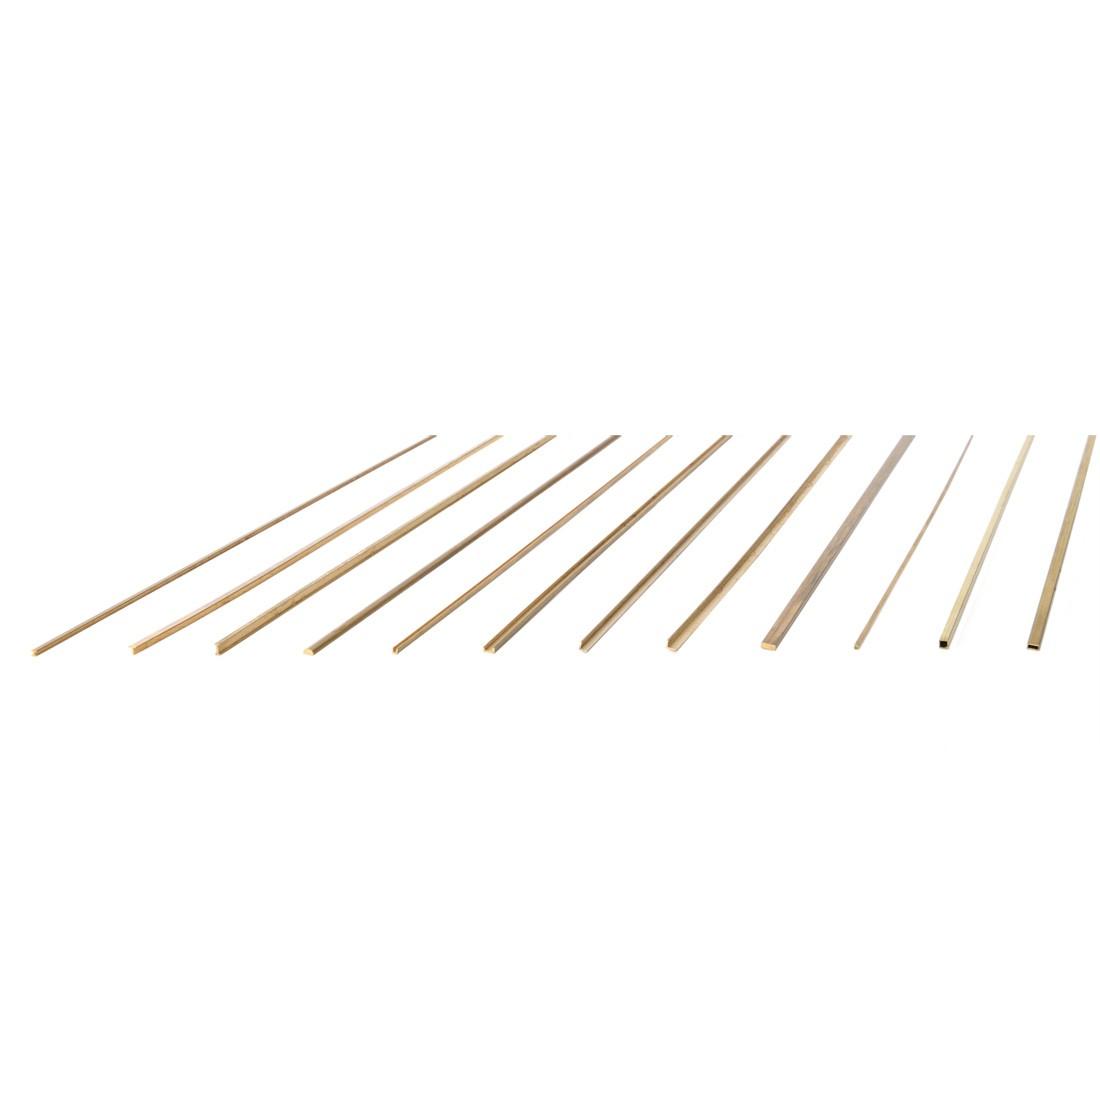 Micro profils laiton 3x3x0,3